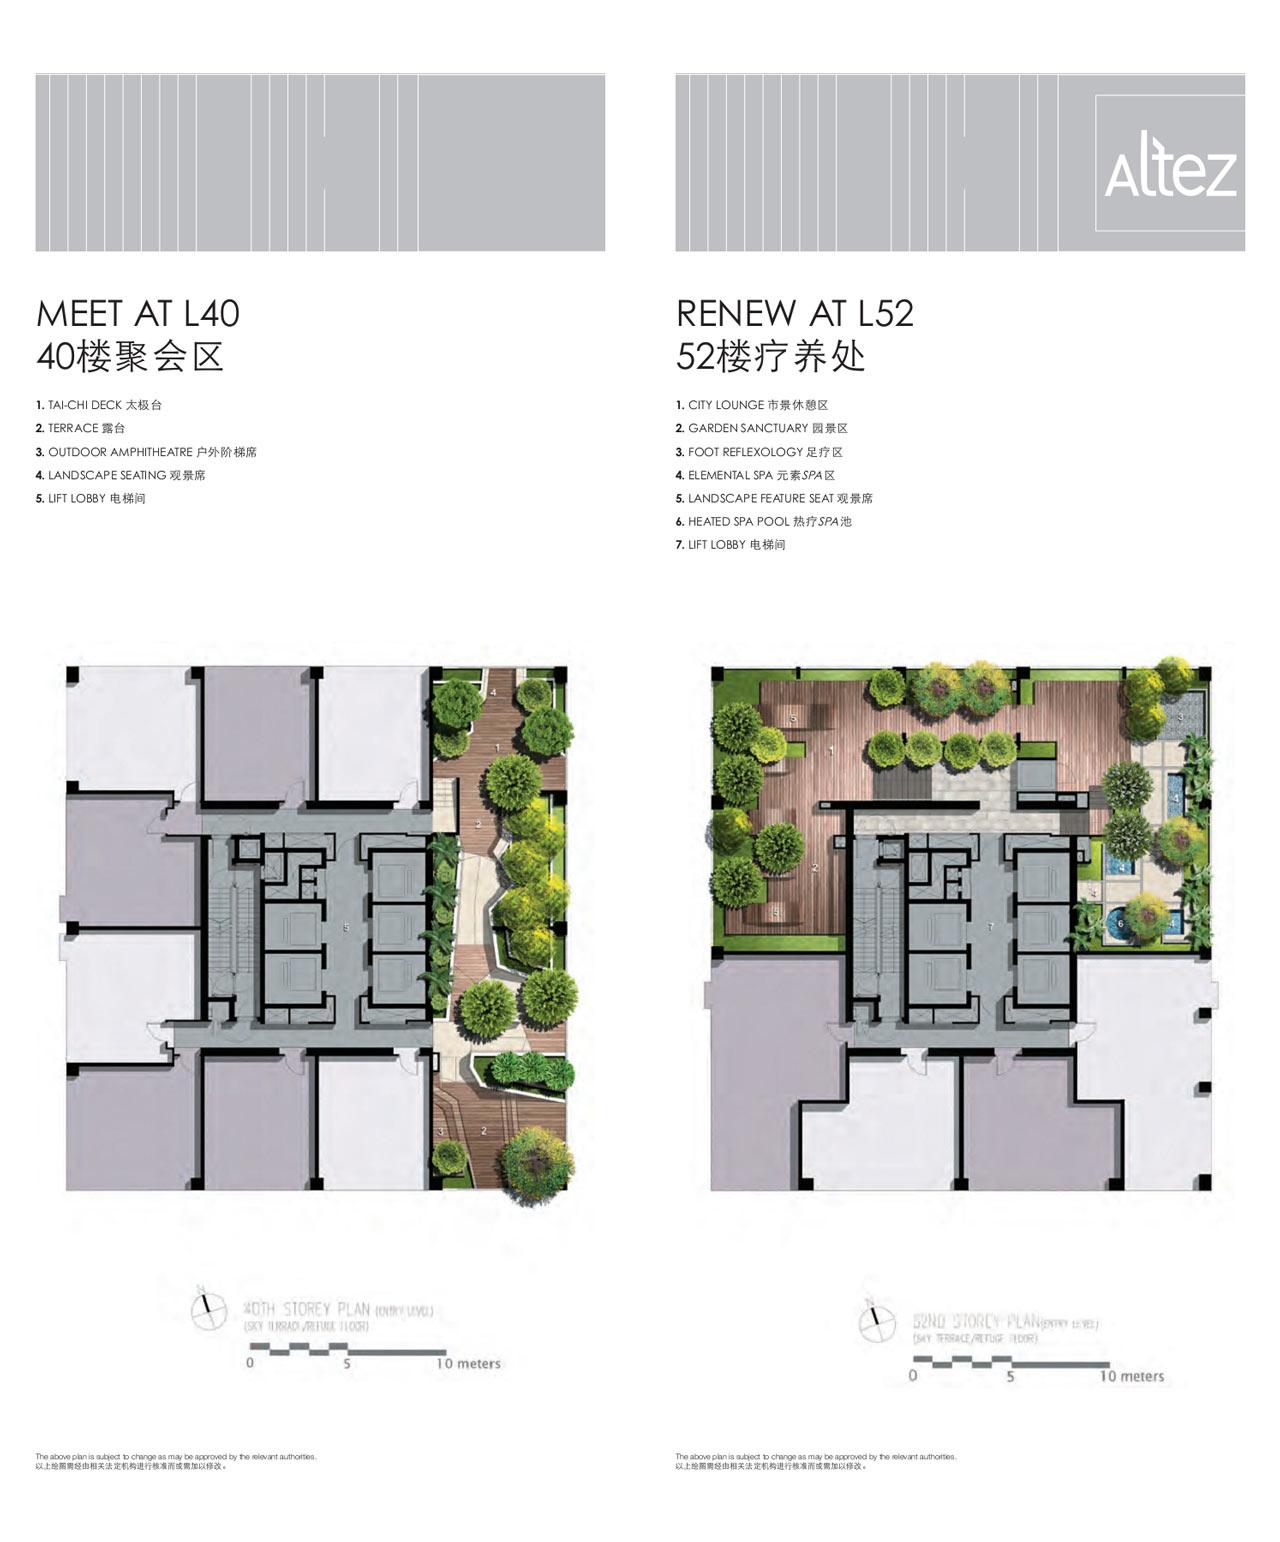 Site Plans Level 40 & Level 52